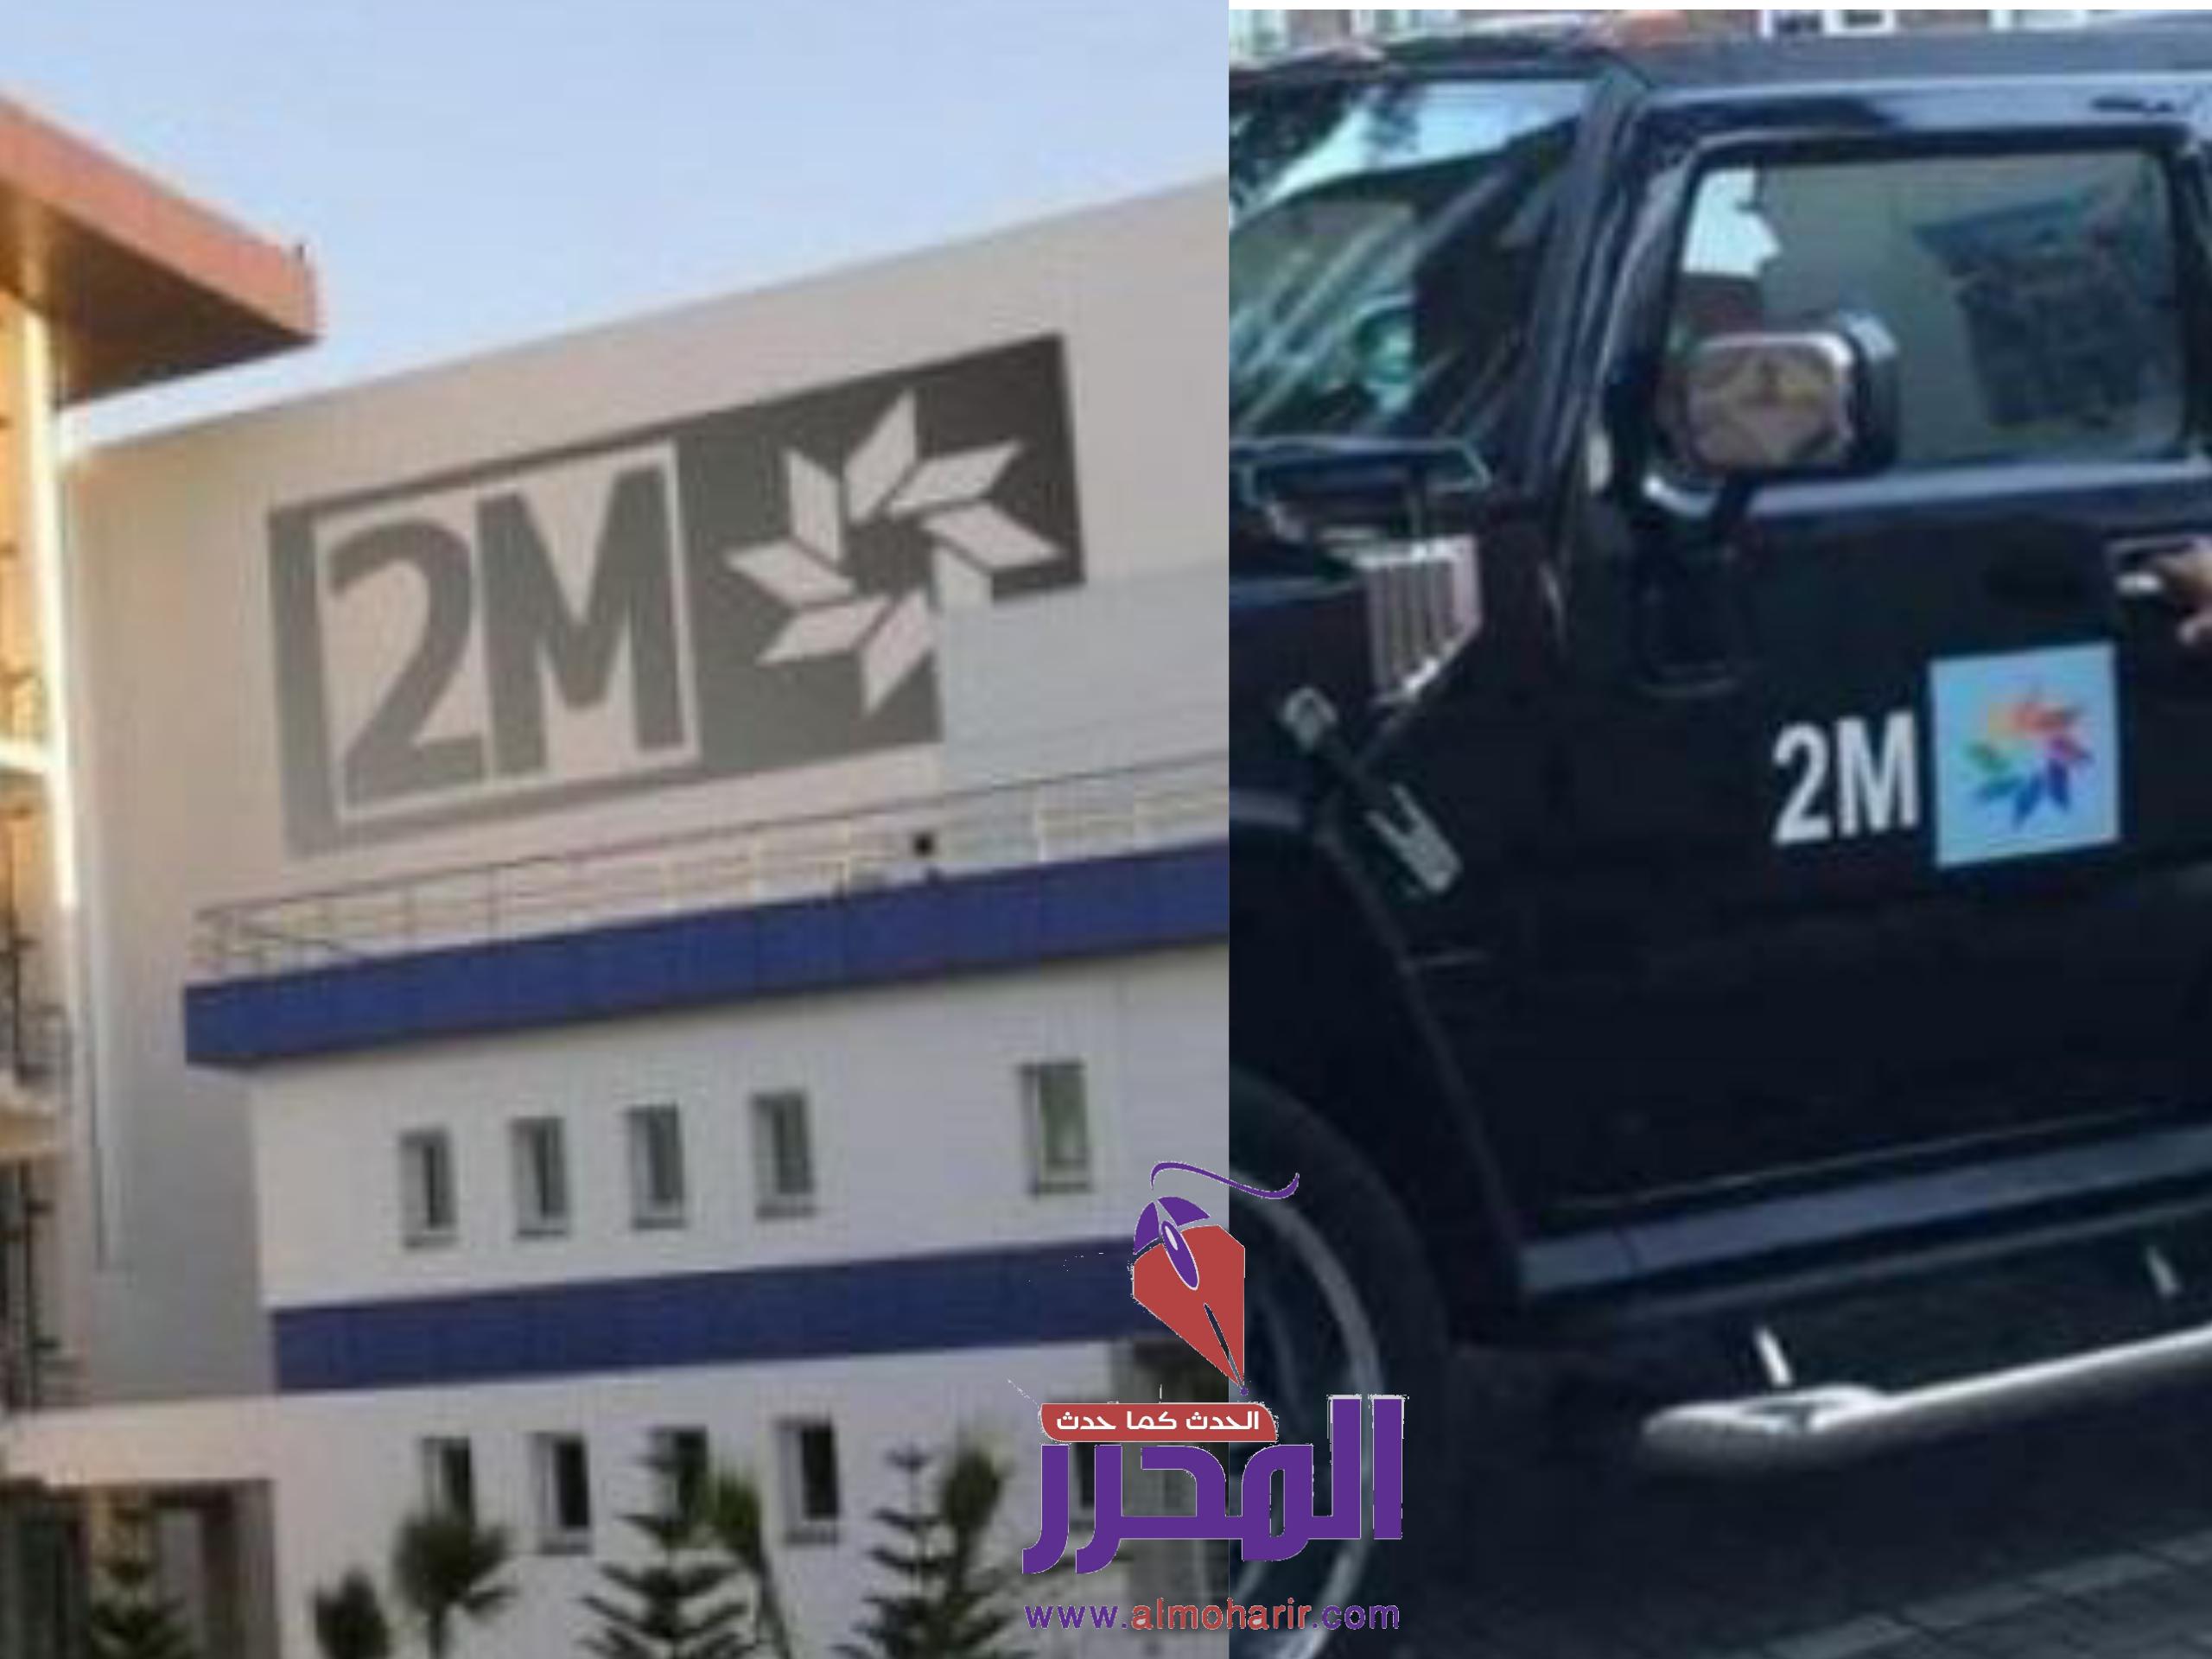 """صورة تزامنا والحديث عن أزمتها المالية.. نشطاء يتداولون صورا لسيارات فارهة ل""""دوزيم"""""""